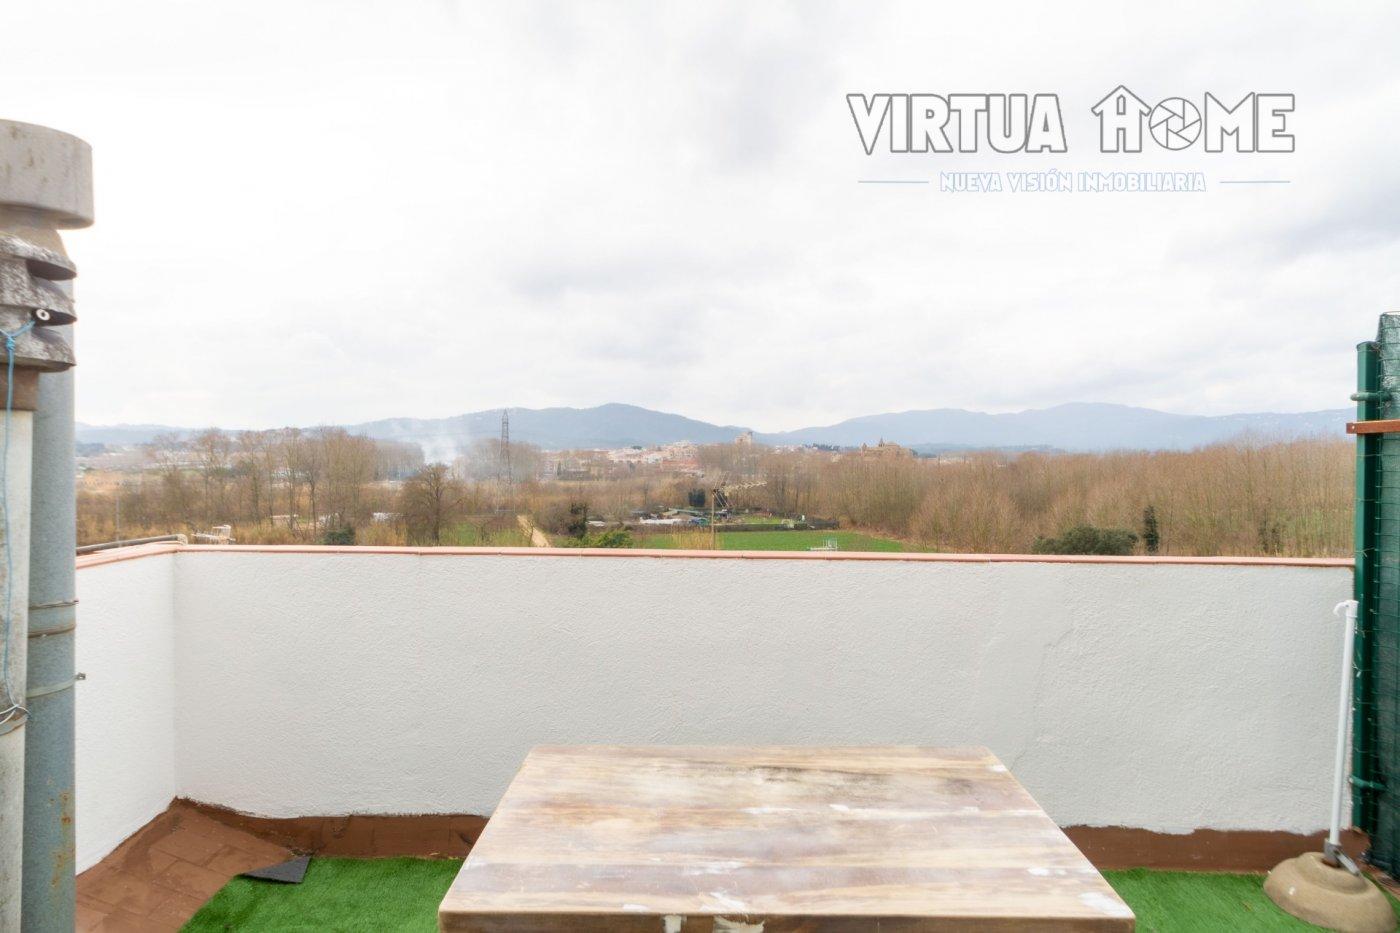 Ático de 3 habitaciones con preciosas vistas a la montaña - imagenInmueble1